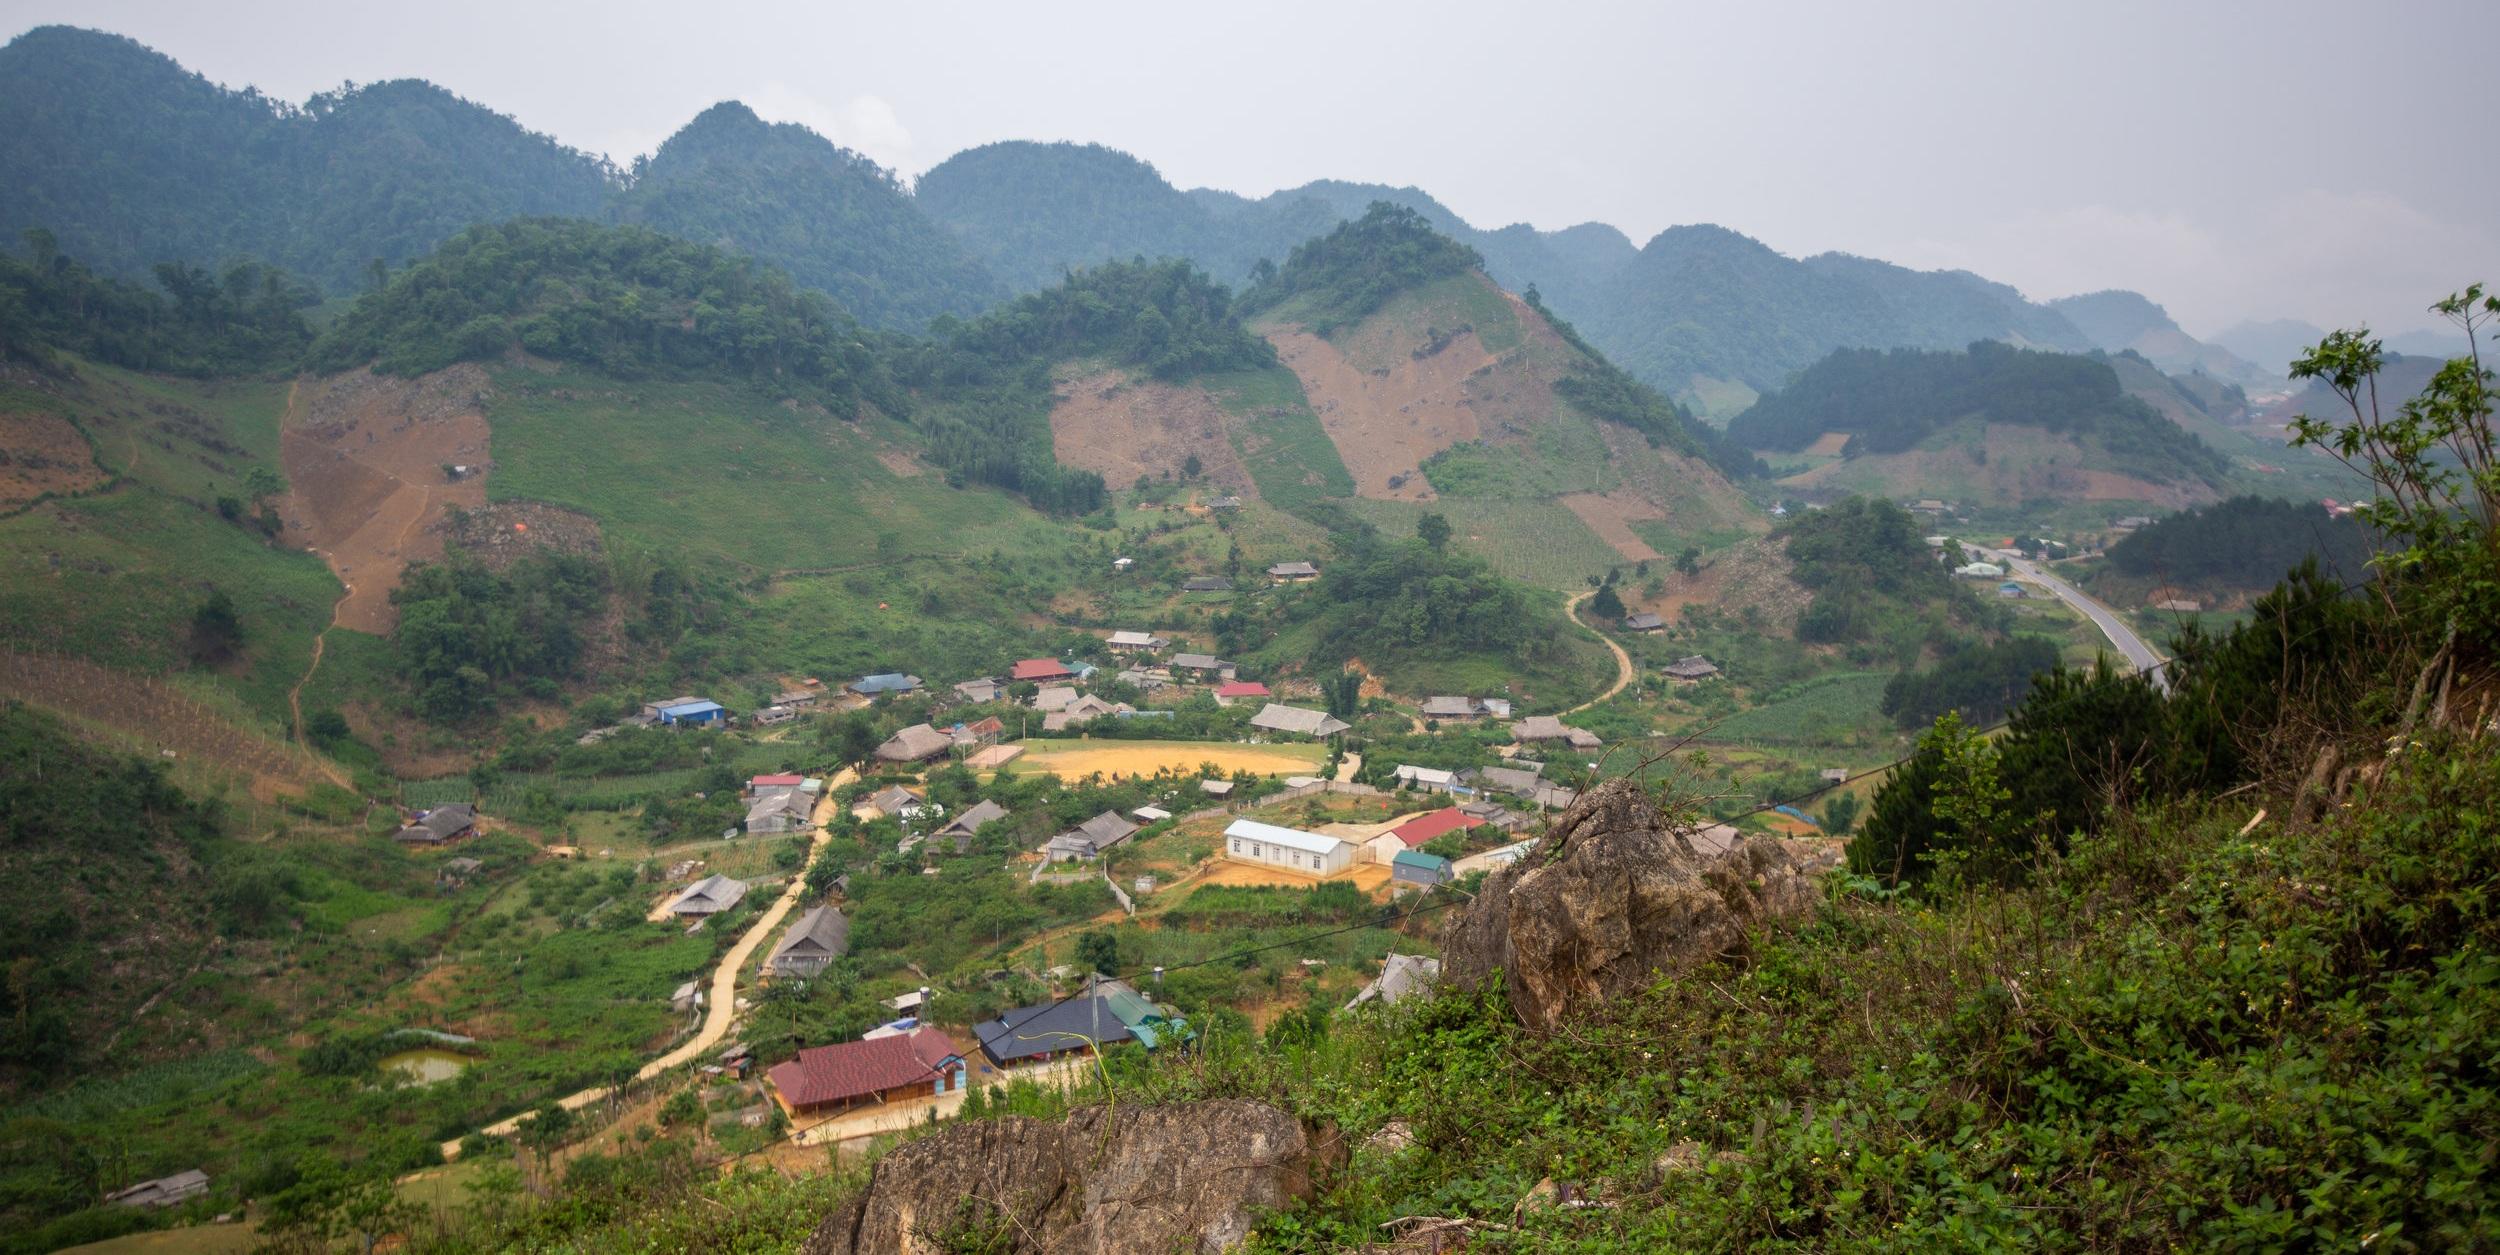 Overlooking Hua Tat Village